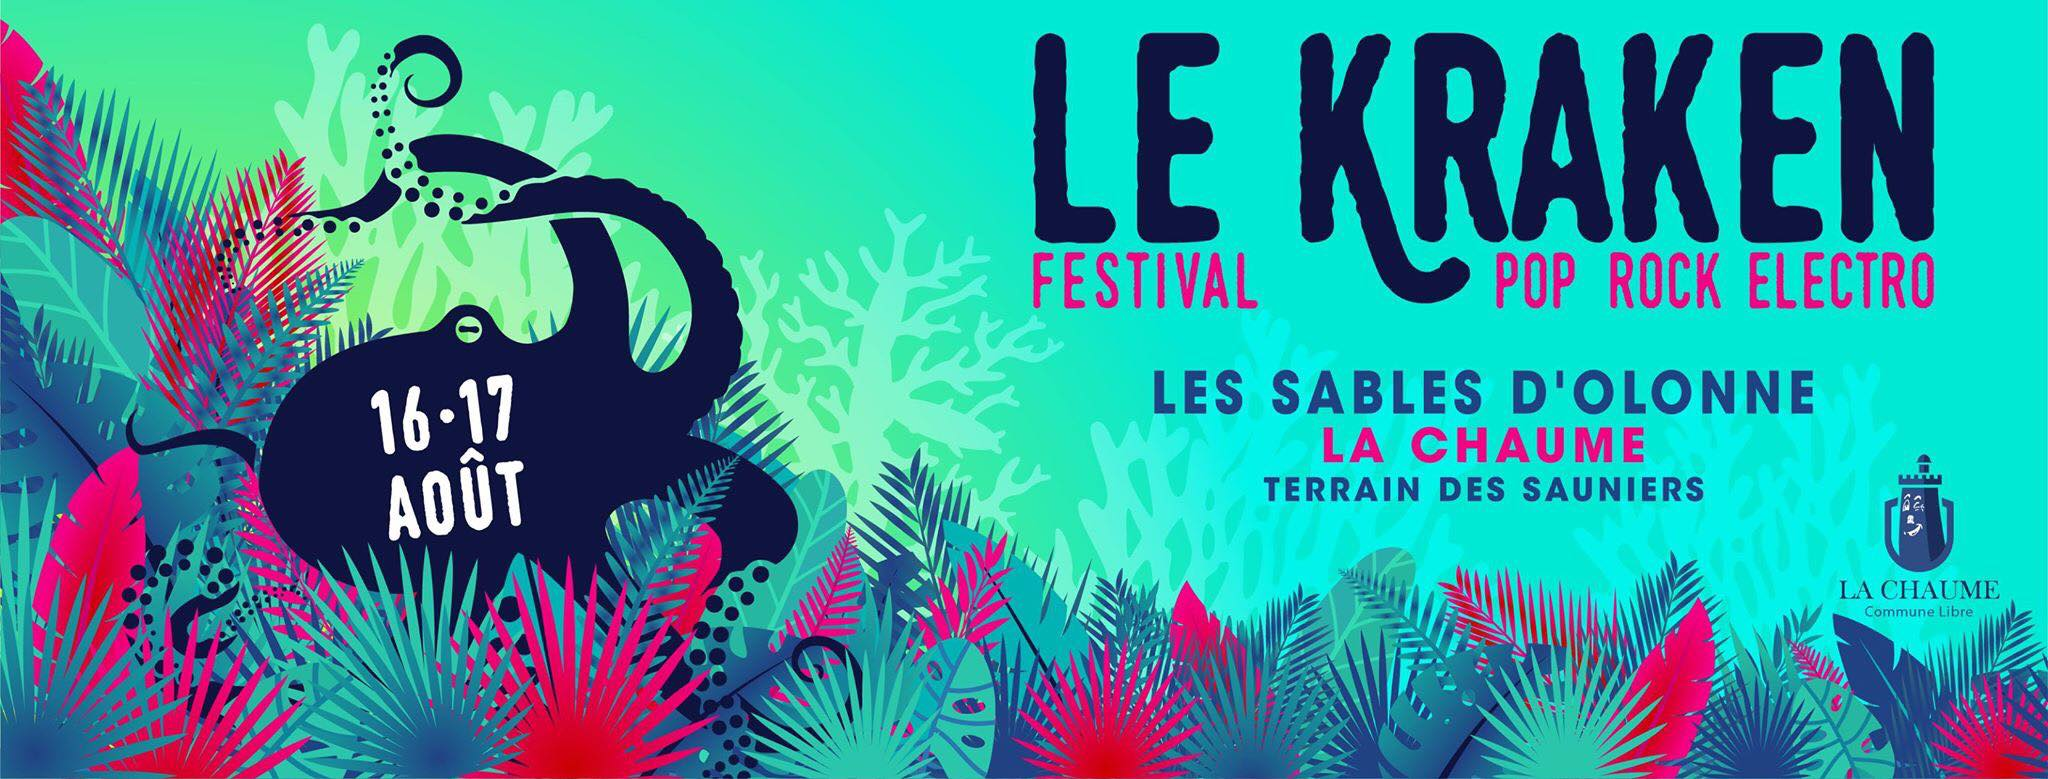 Le festival le Kraken à partir du vendredi 16 août  avec Hyphen Hyphen, Elephanz, Hilight Tribe...